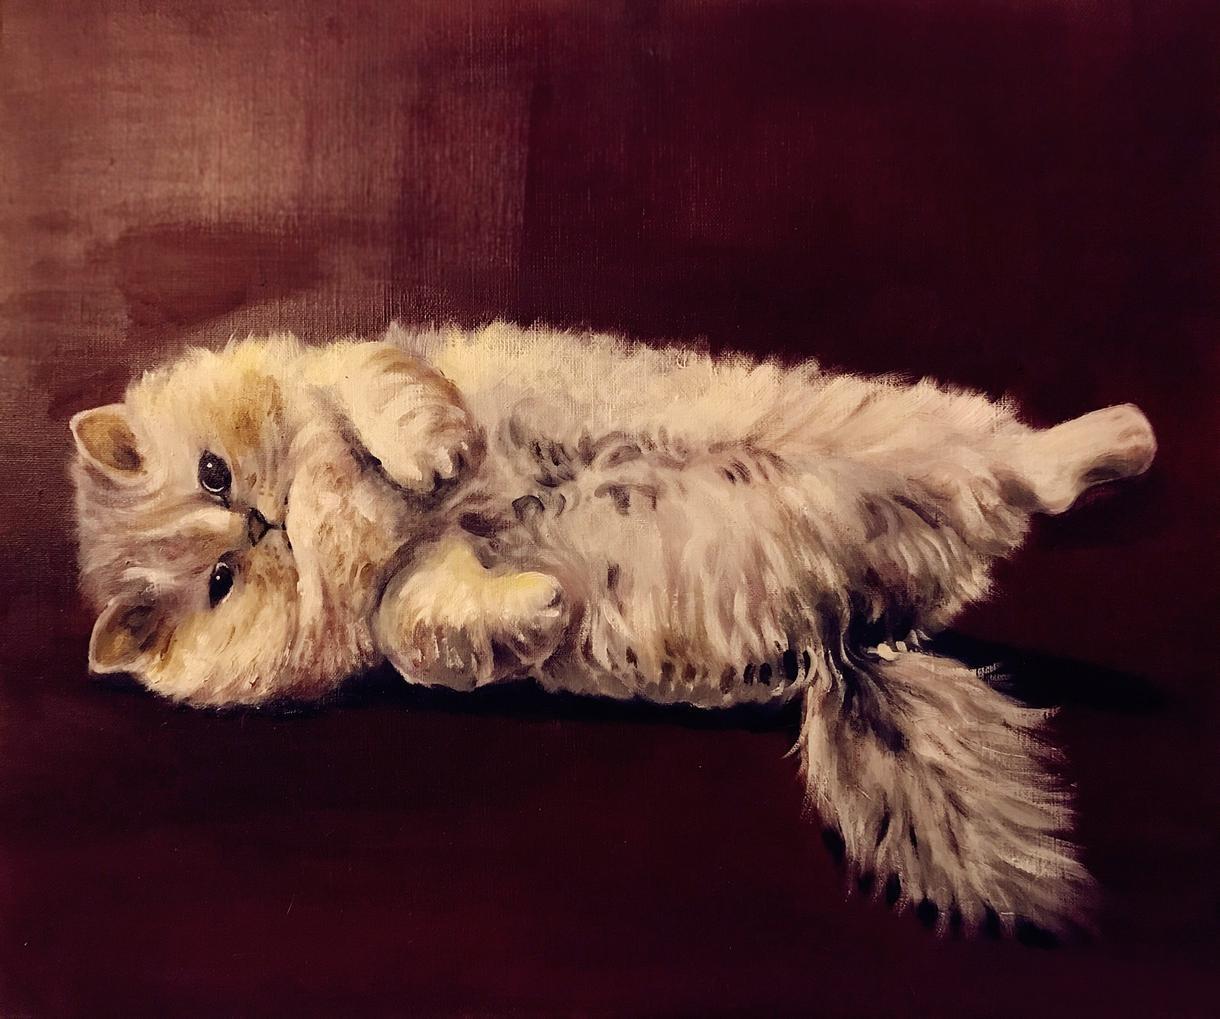 油絵でペットの似顔絵を描きます 記念日のプレゼントや思い出づくりに最適です。 イメージ1